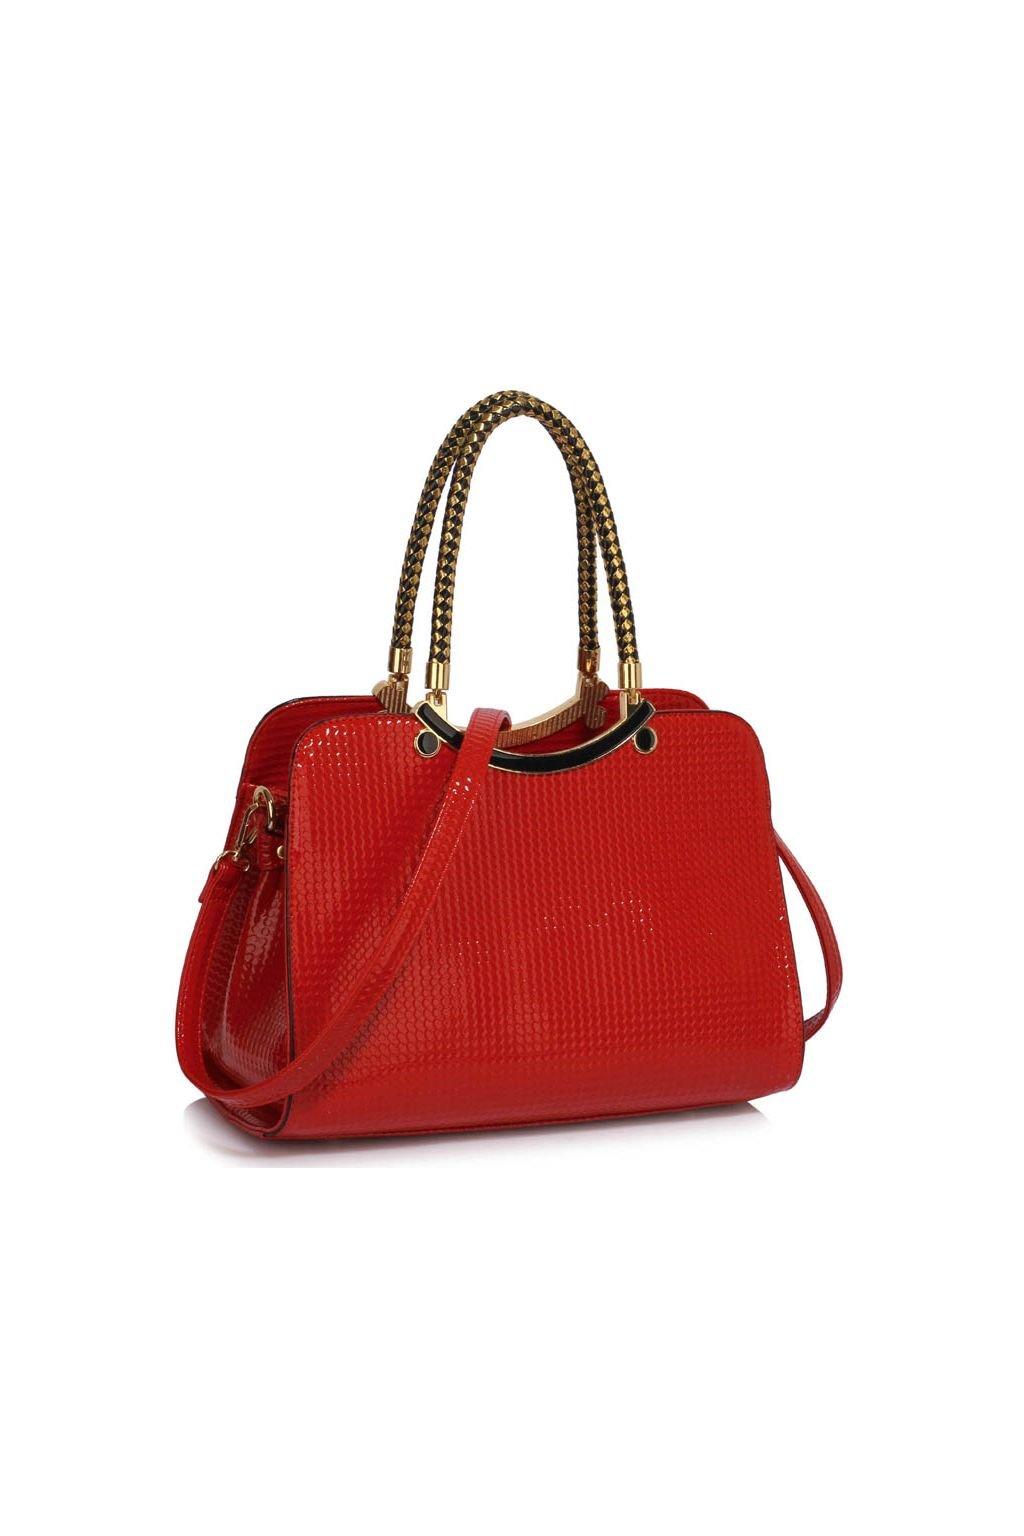 Trendová kabelka do ruky Cory červená LS00395